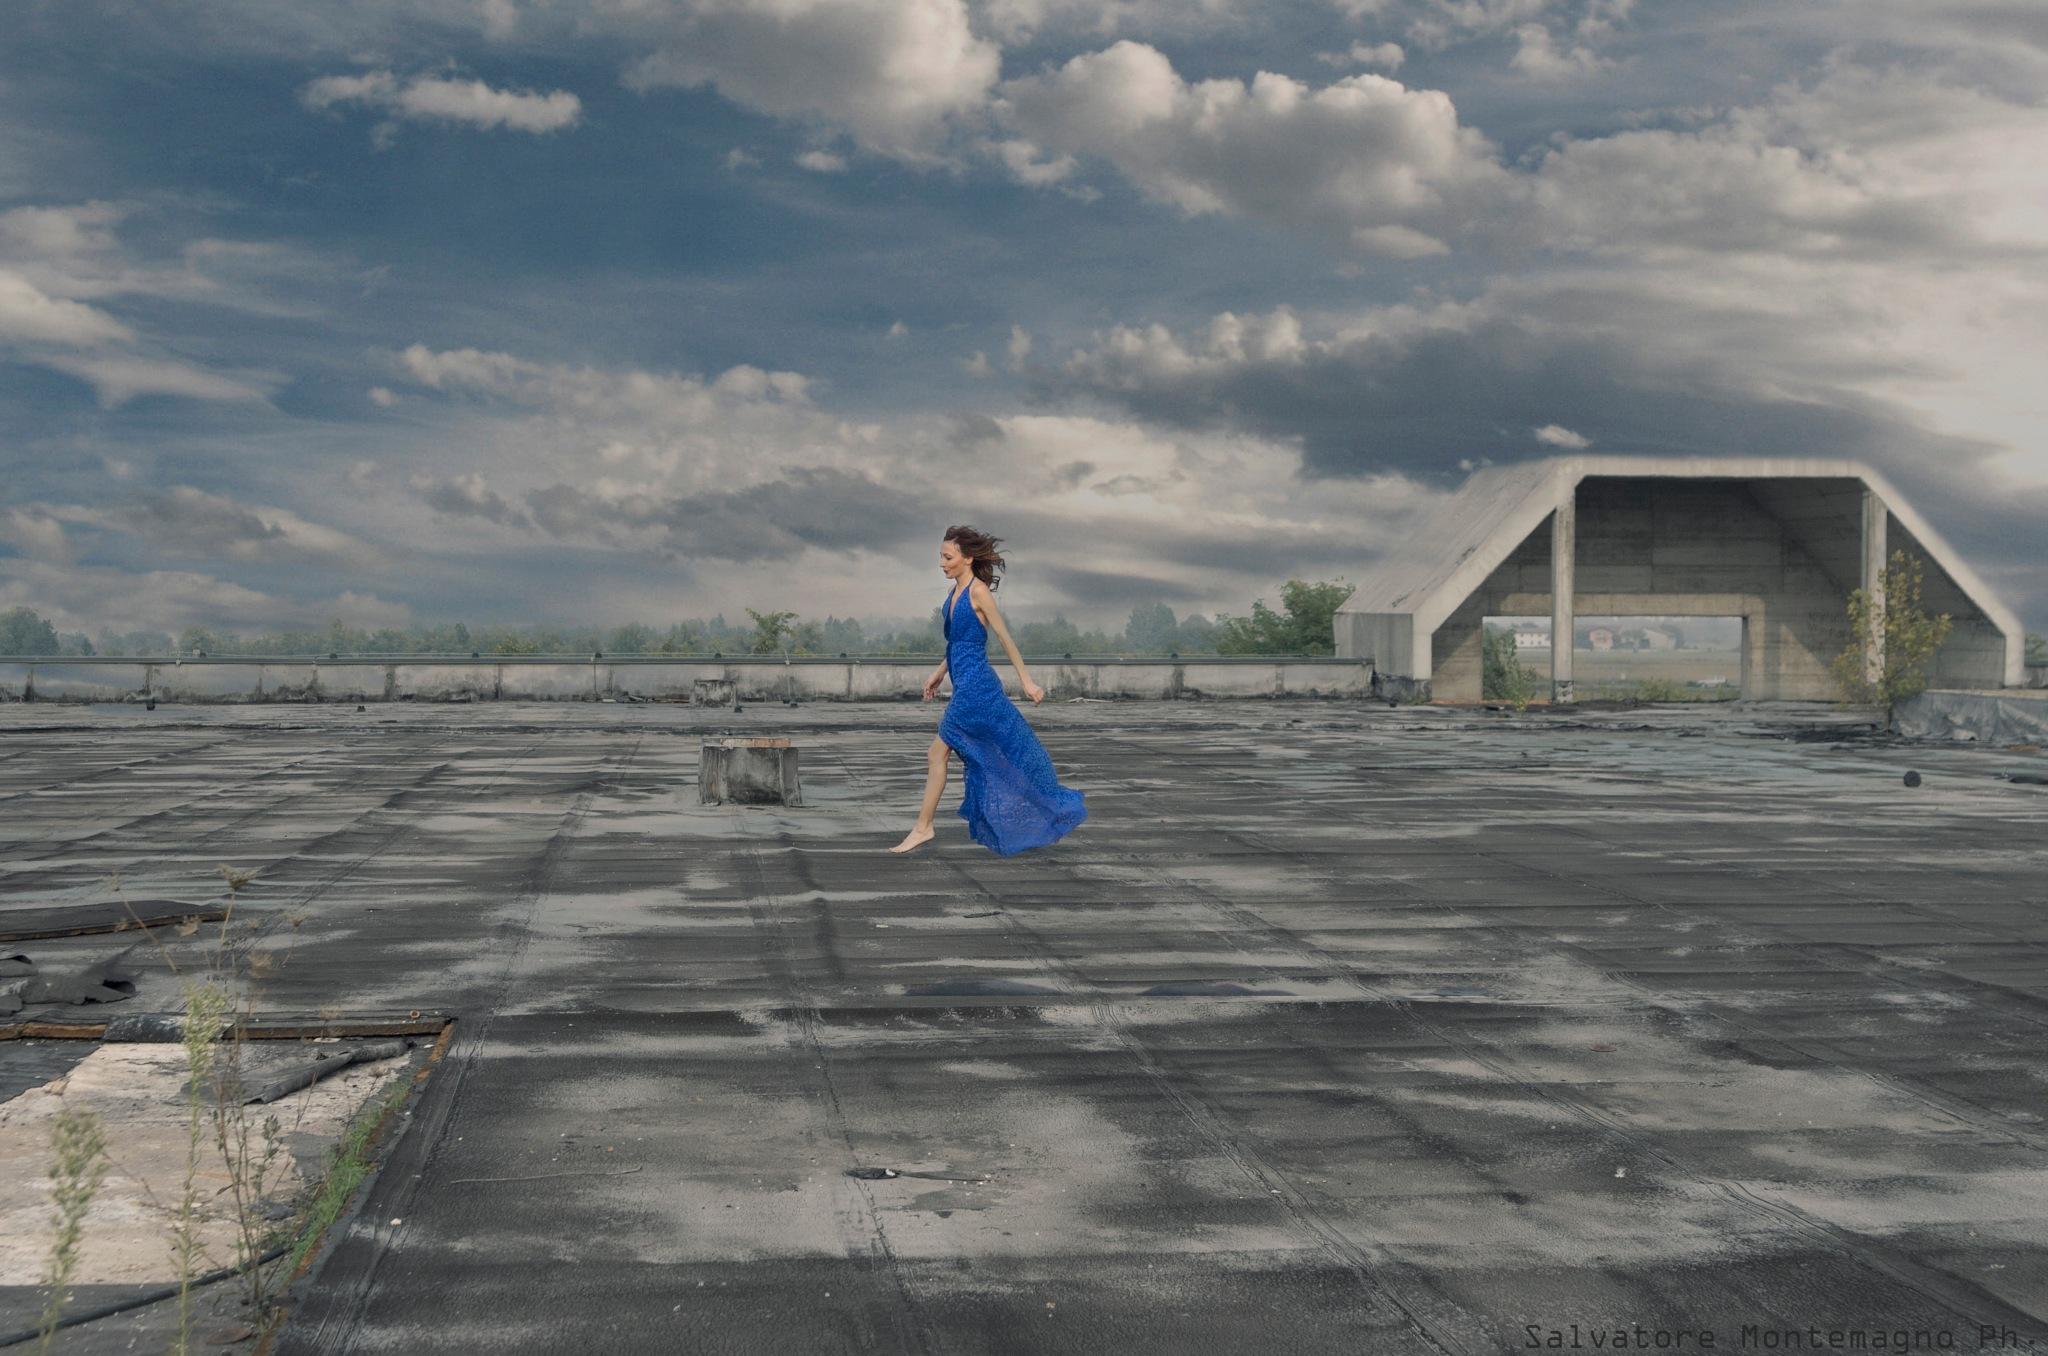 Blu Anita by Salvatore Montemagno